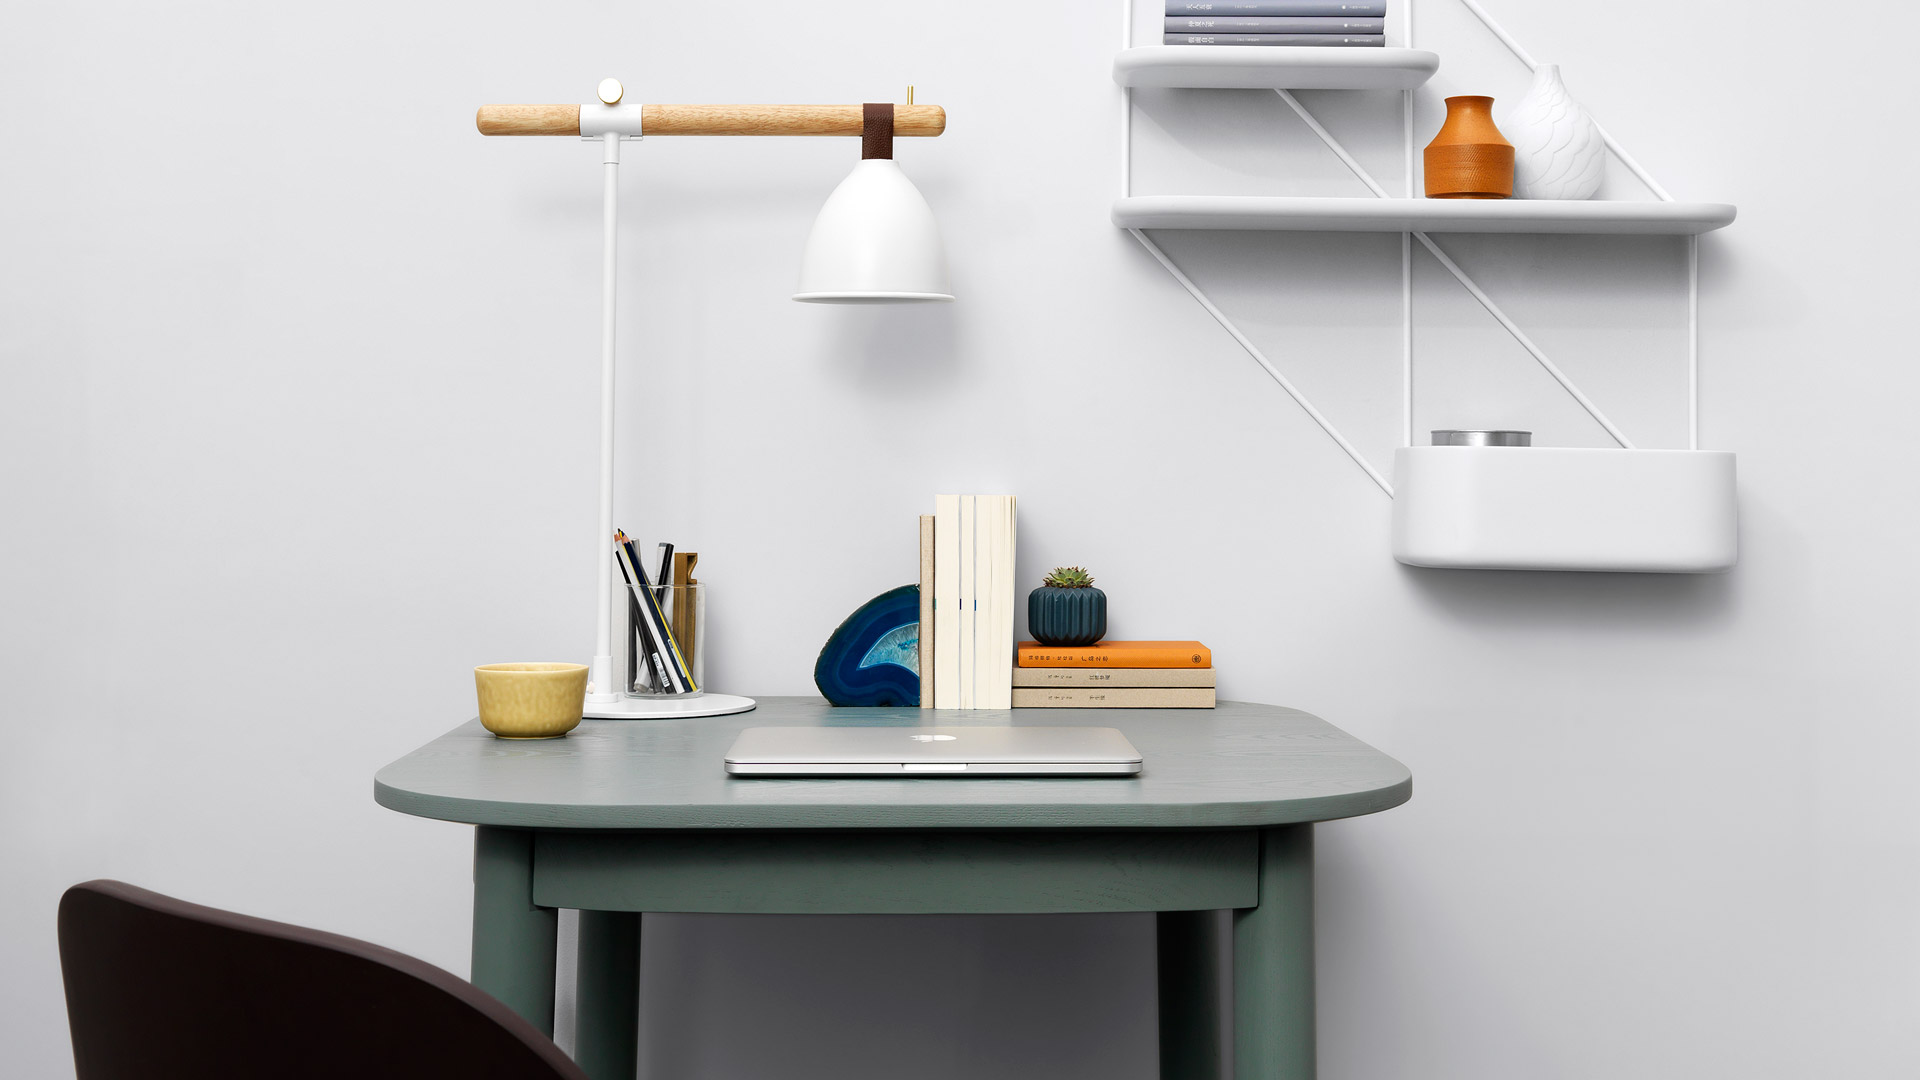 平整线条混搭任意空间,不动声色提升书桌错落层次感,适中的光线距离带来舒适的阅读写作体验。